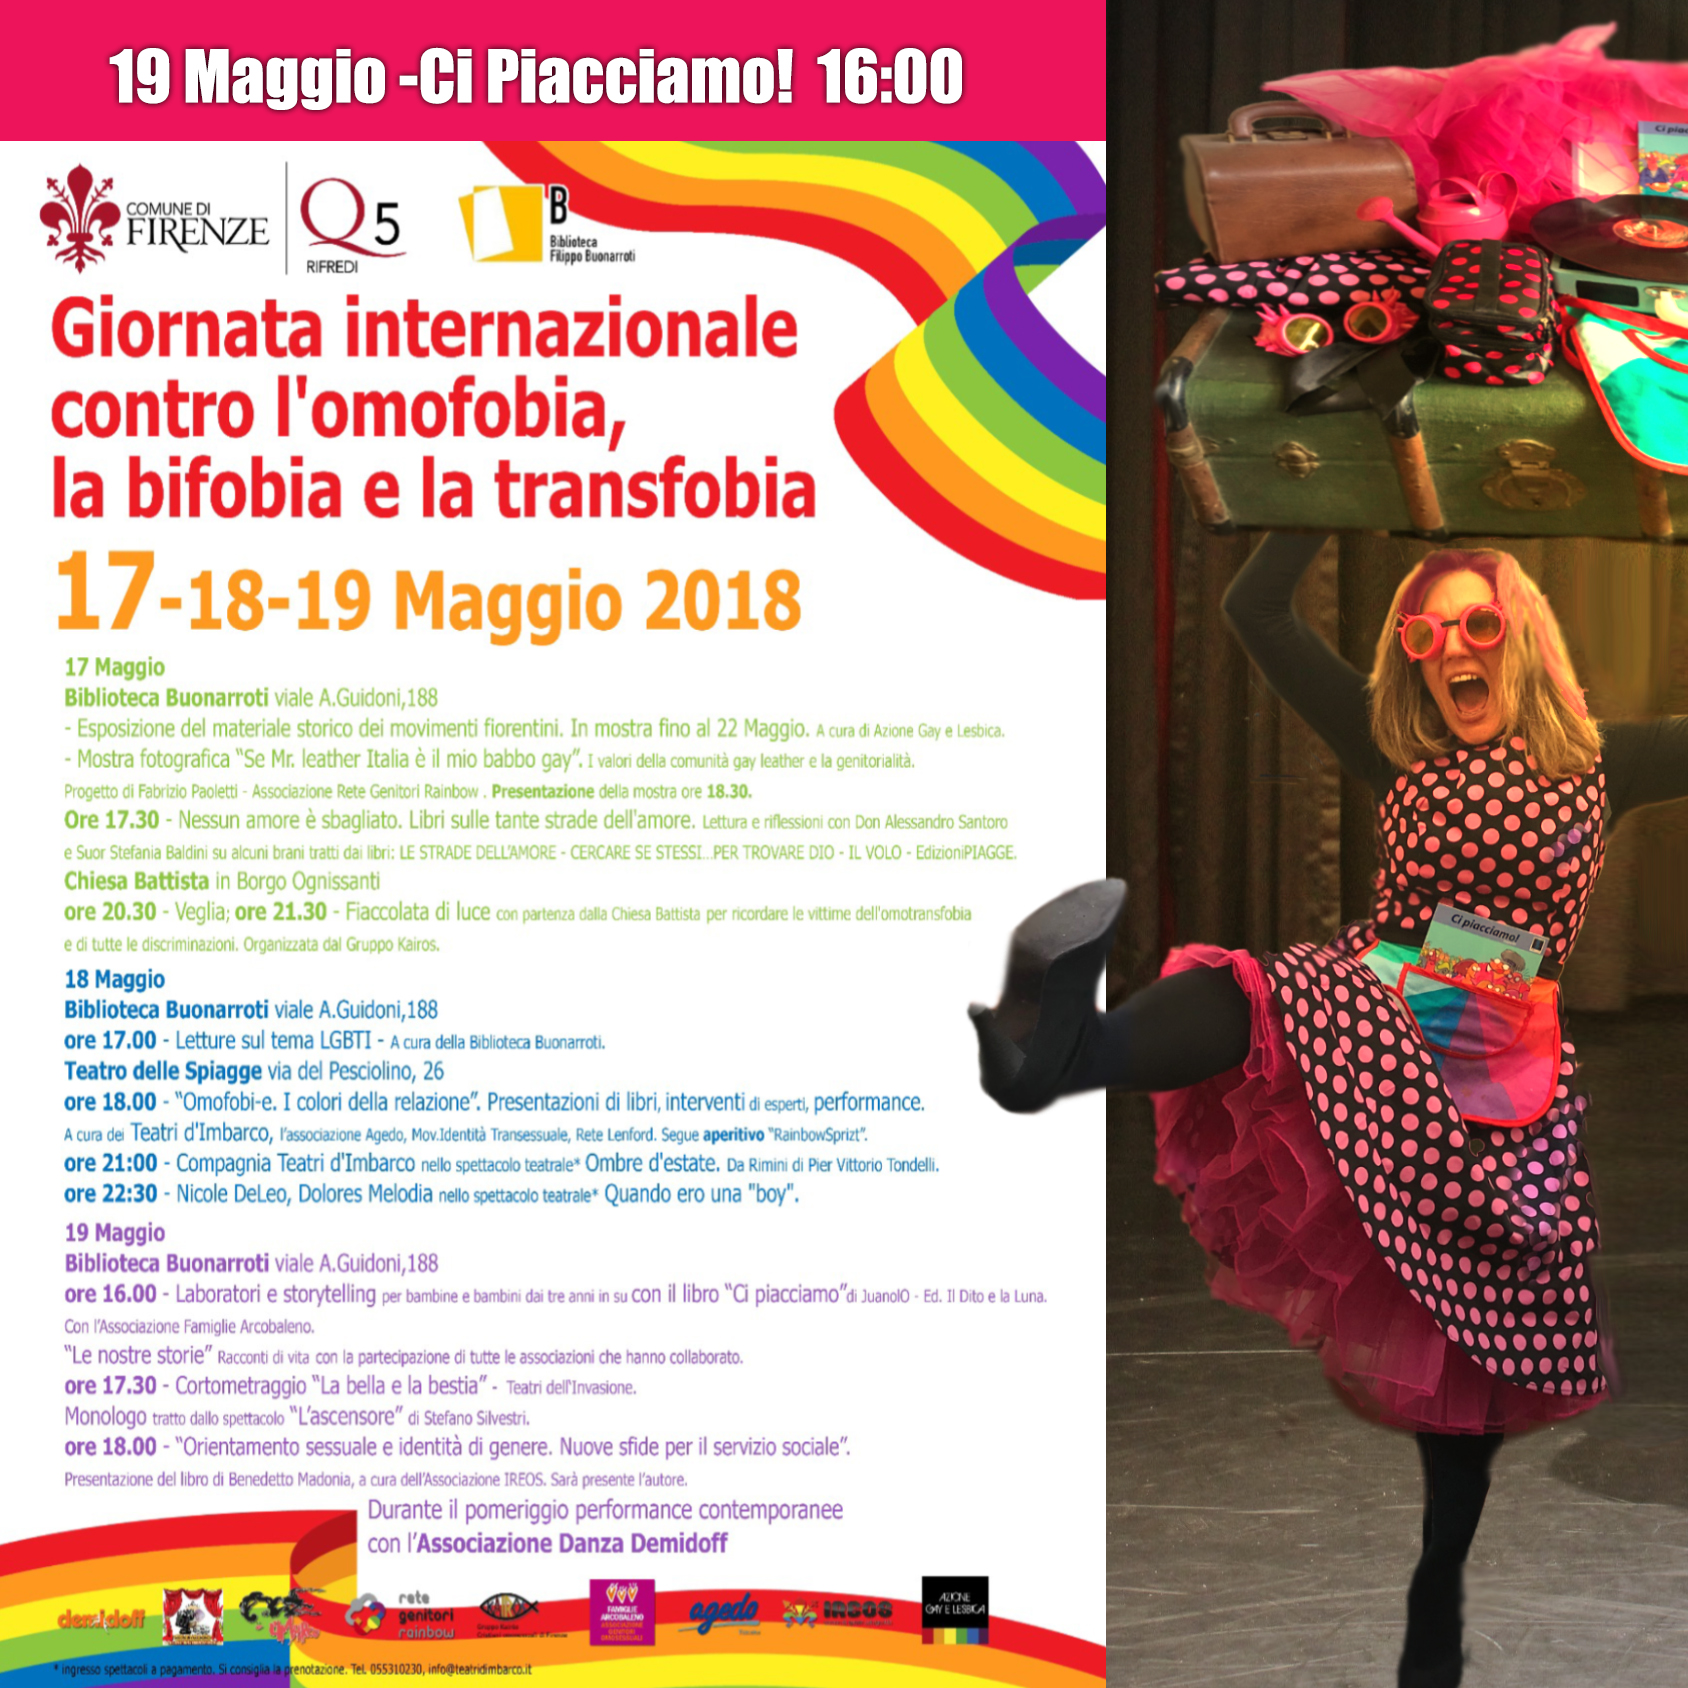 Giornata L'omofobia